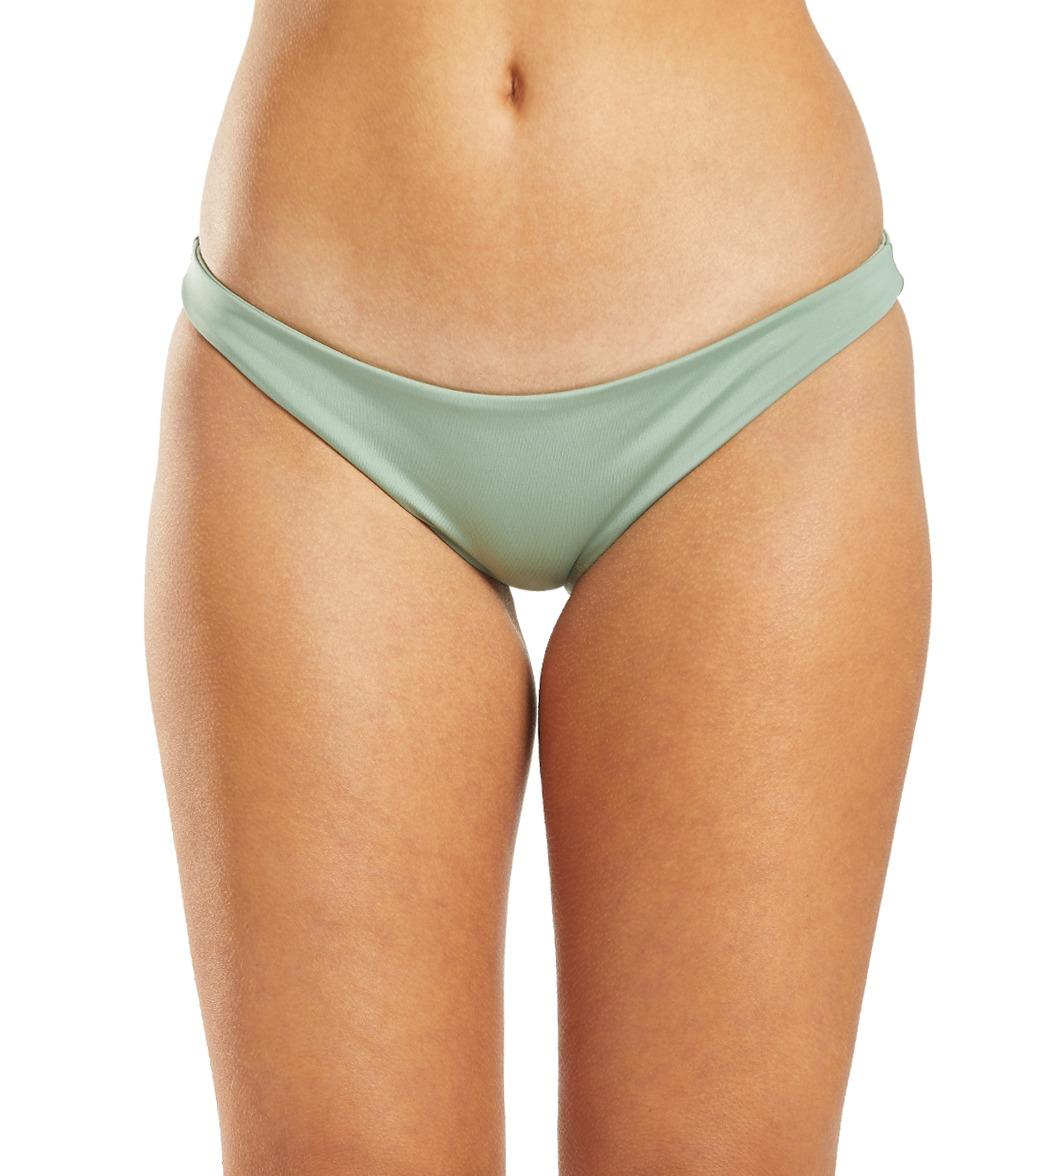 Hurley Women's Quick Dry Rib Moderate Coverage Bikini Bottom